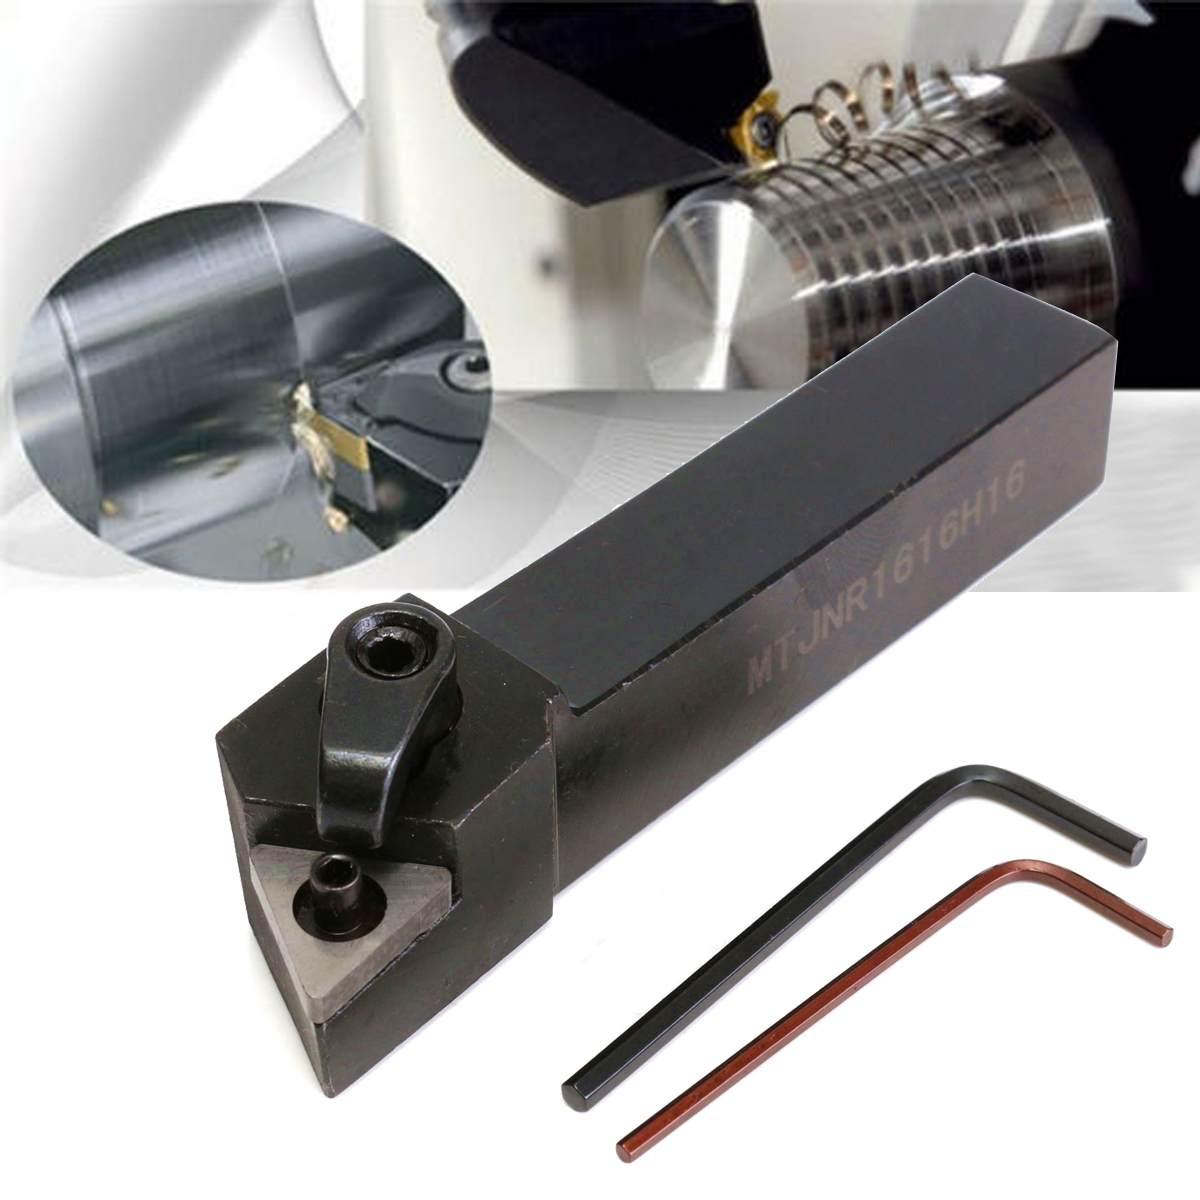 3Pcs MTJNR1616H16 Lathe Turning Tool Holder 16x100mm For TNMG1604 Insert Kit 1 Wrench+2 Boring Bar Set